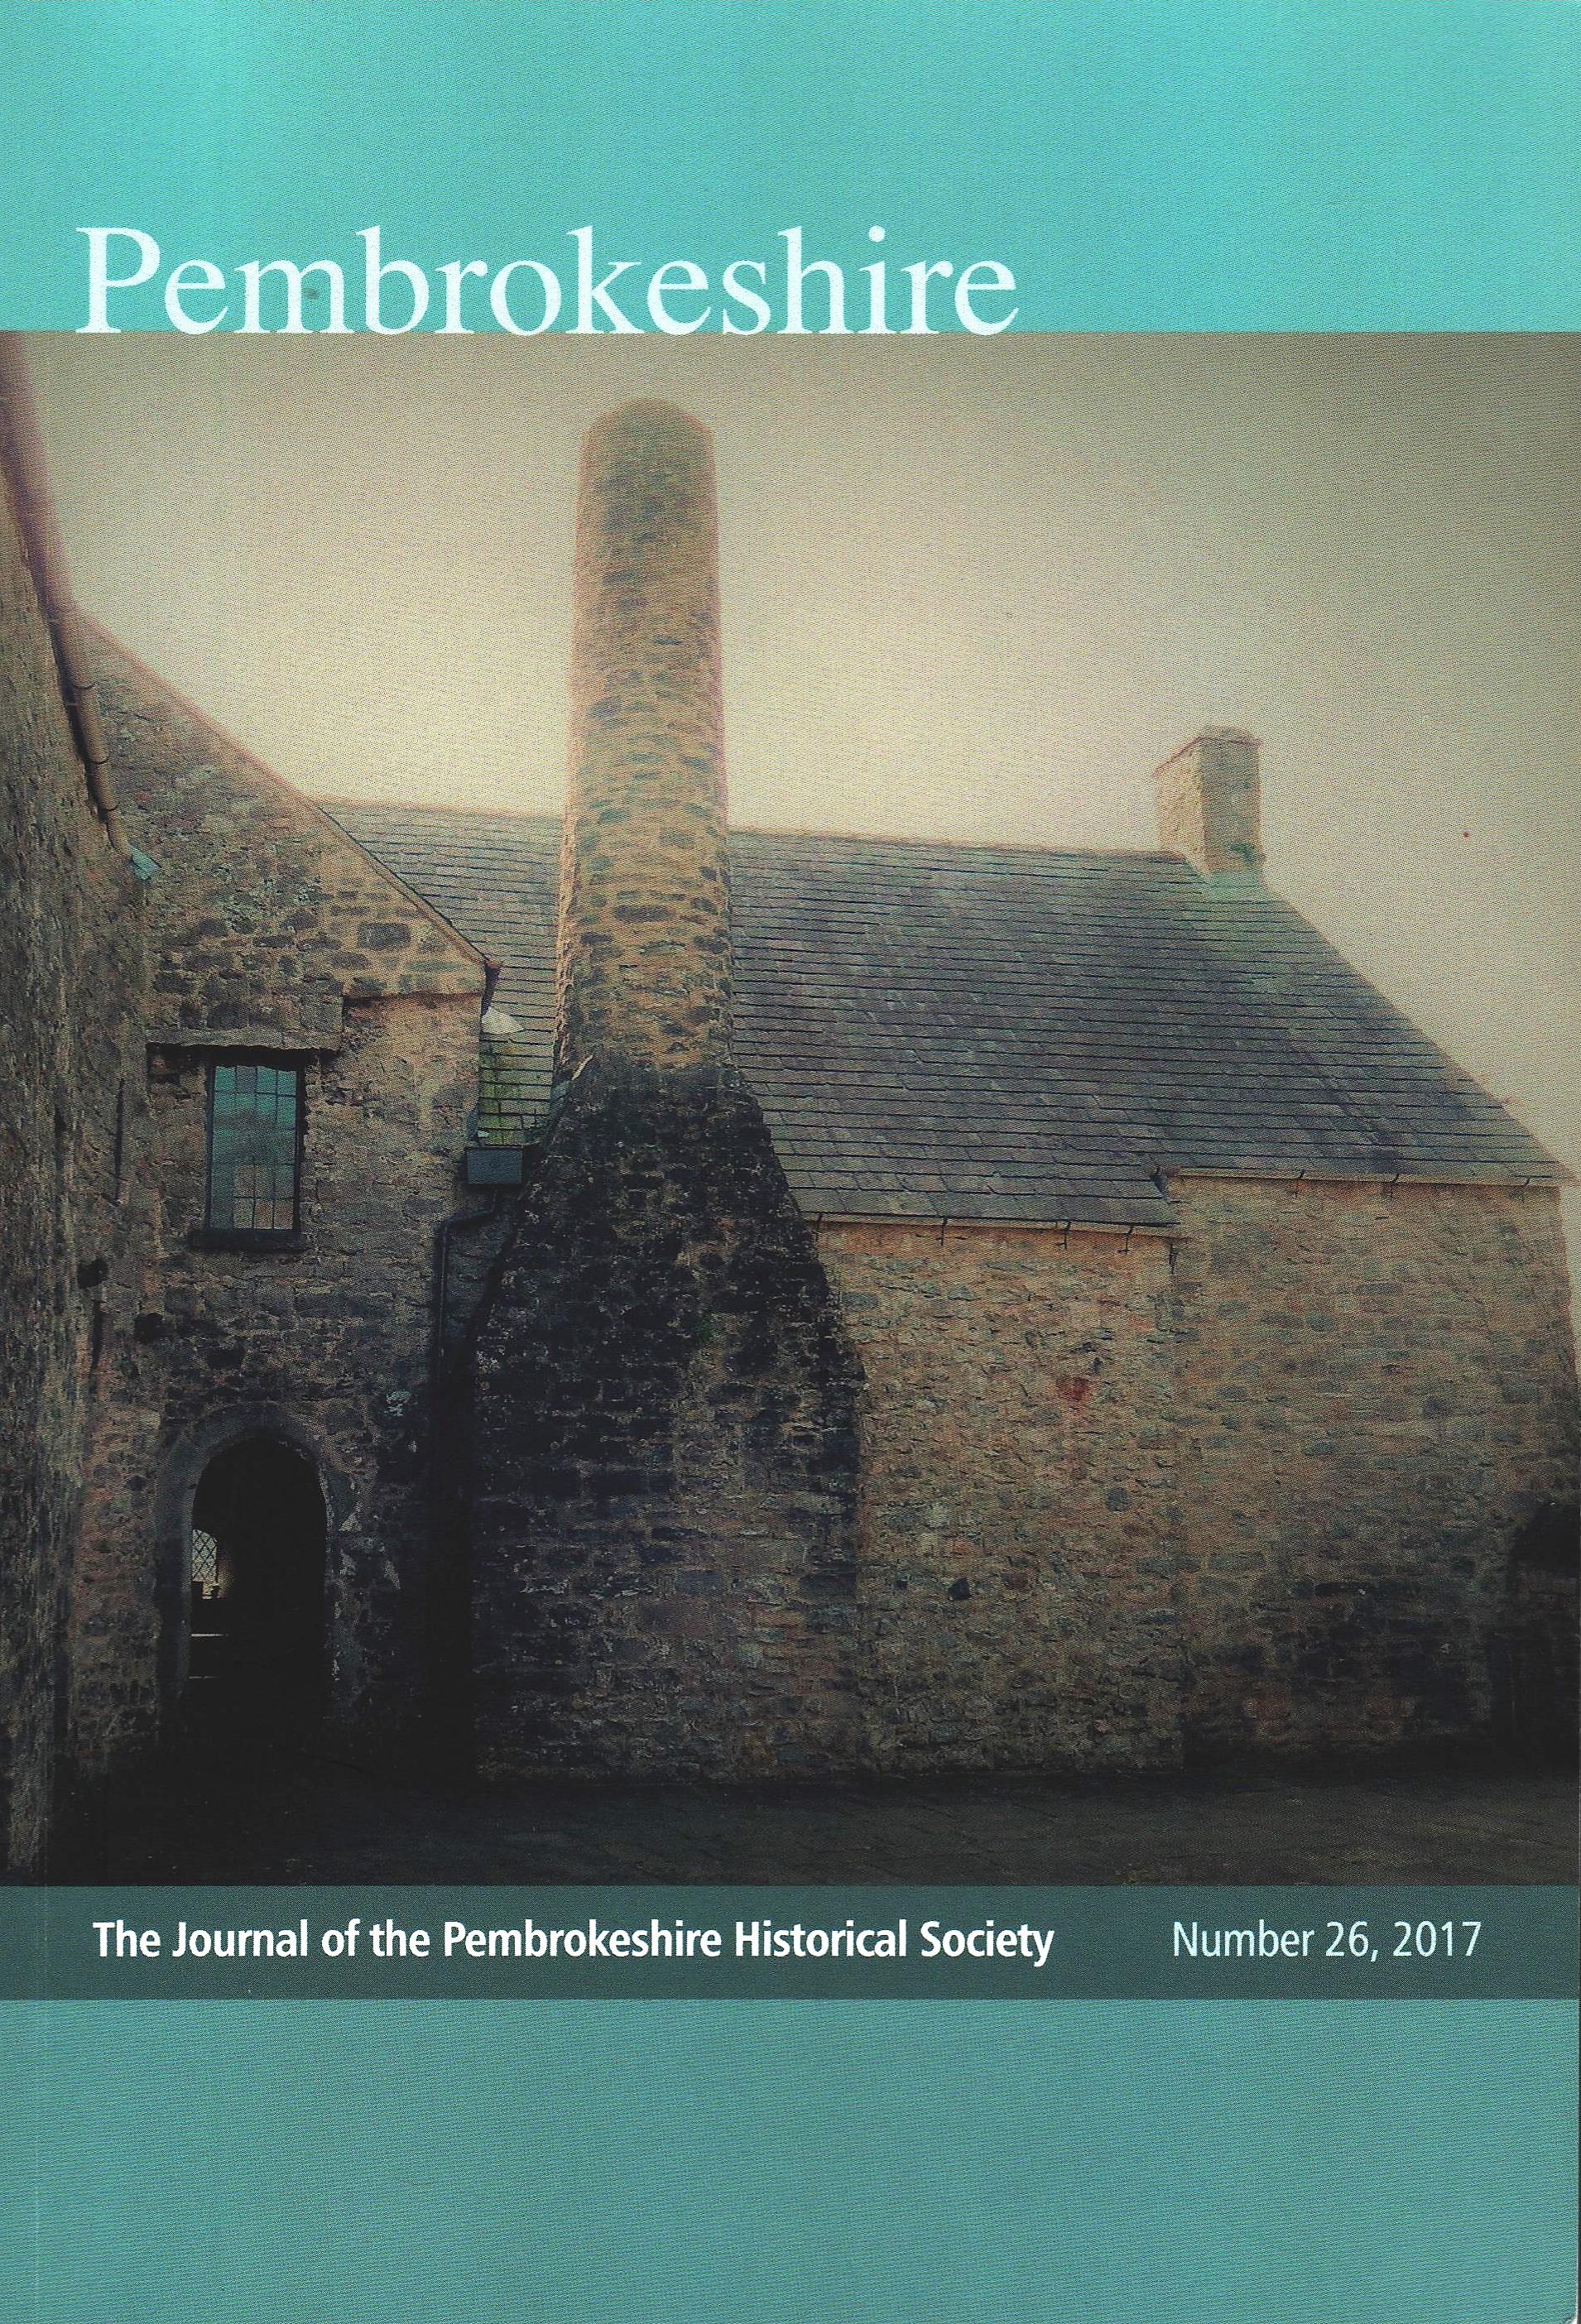 PHS Journal 2017 001